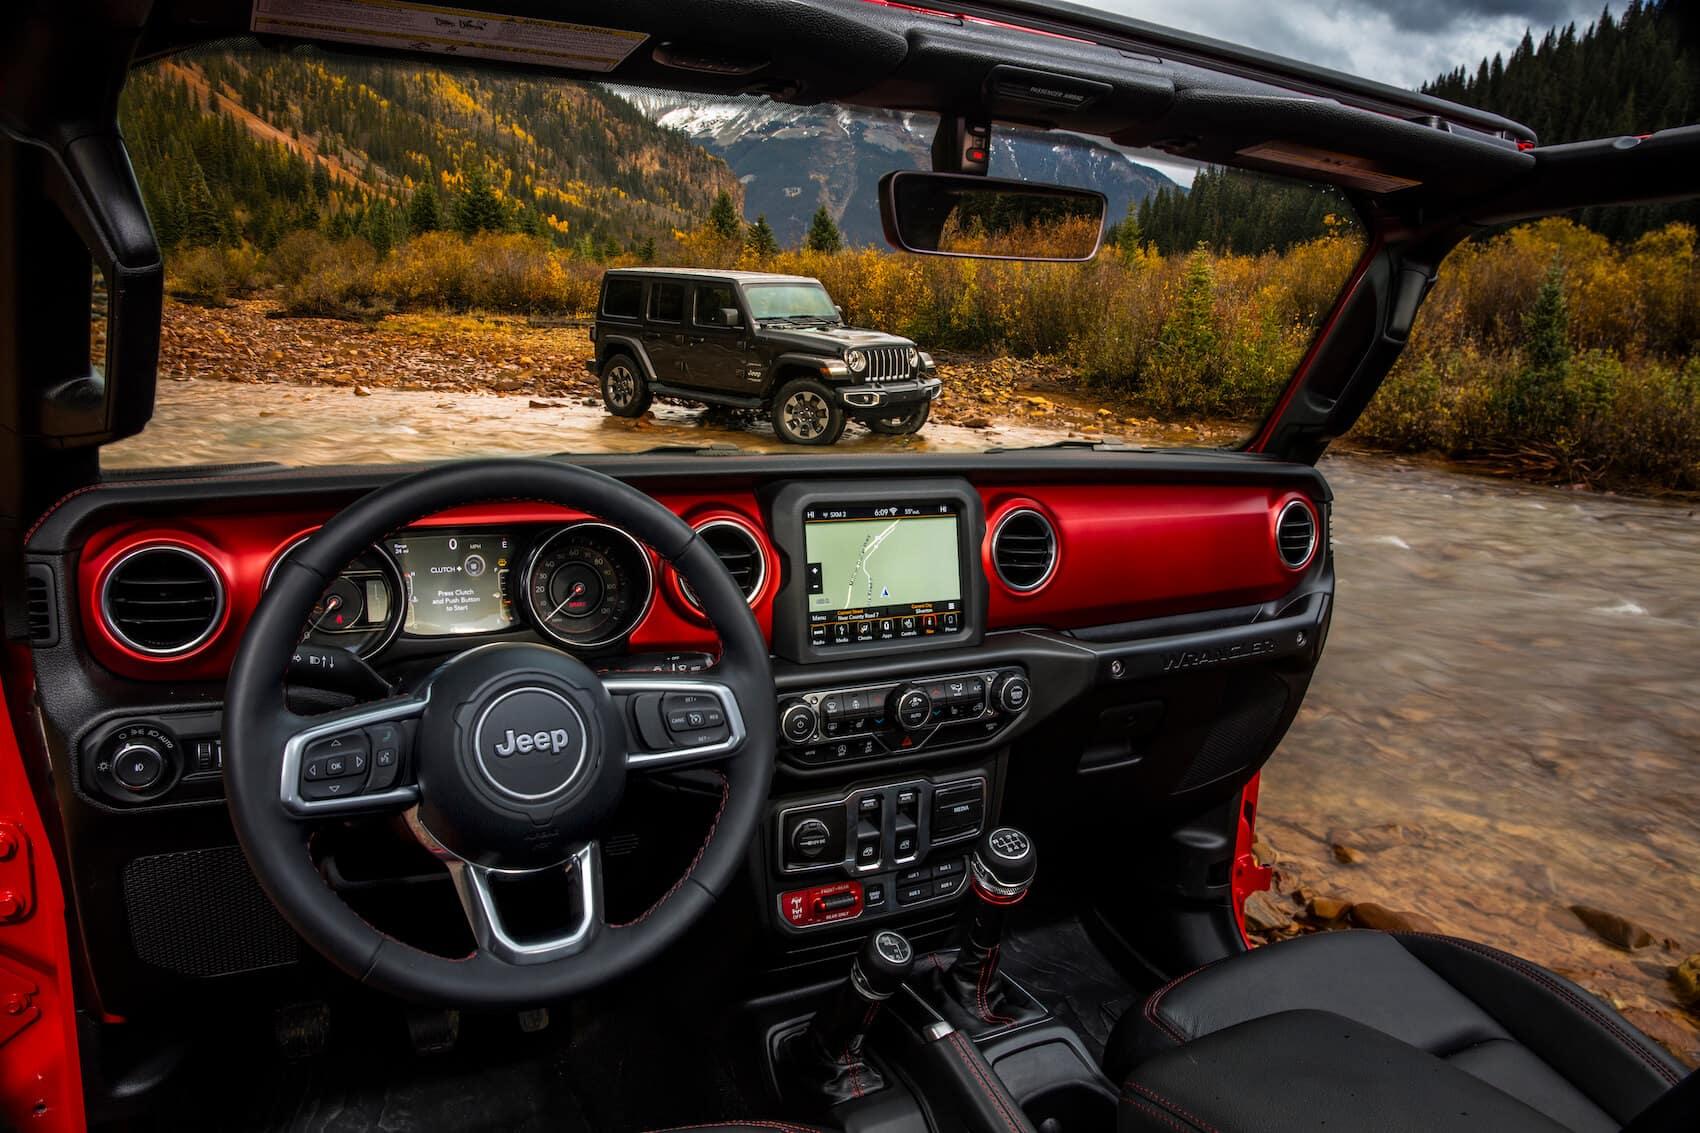 Jeep Wrangler 4xe: Plug-In Hybrid